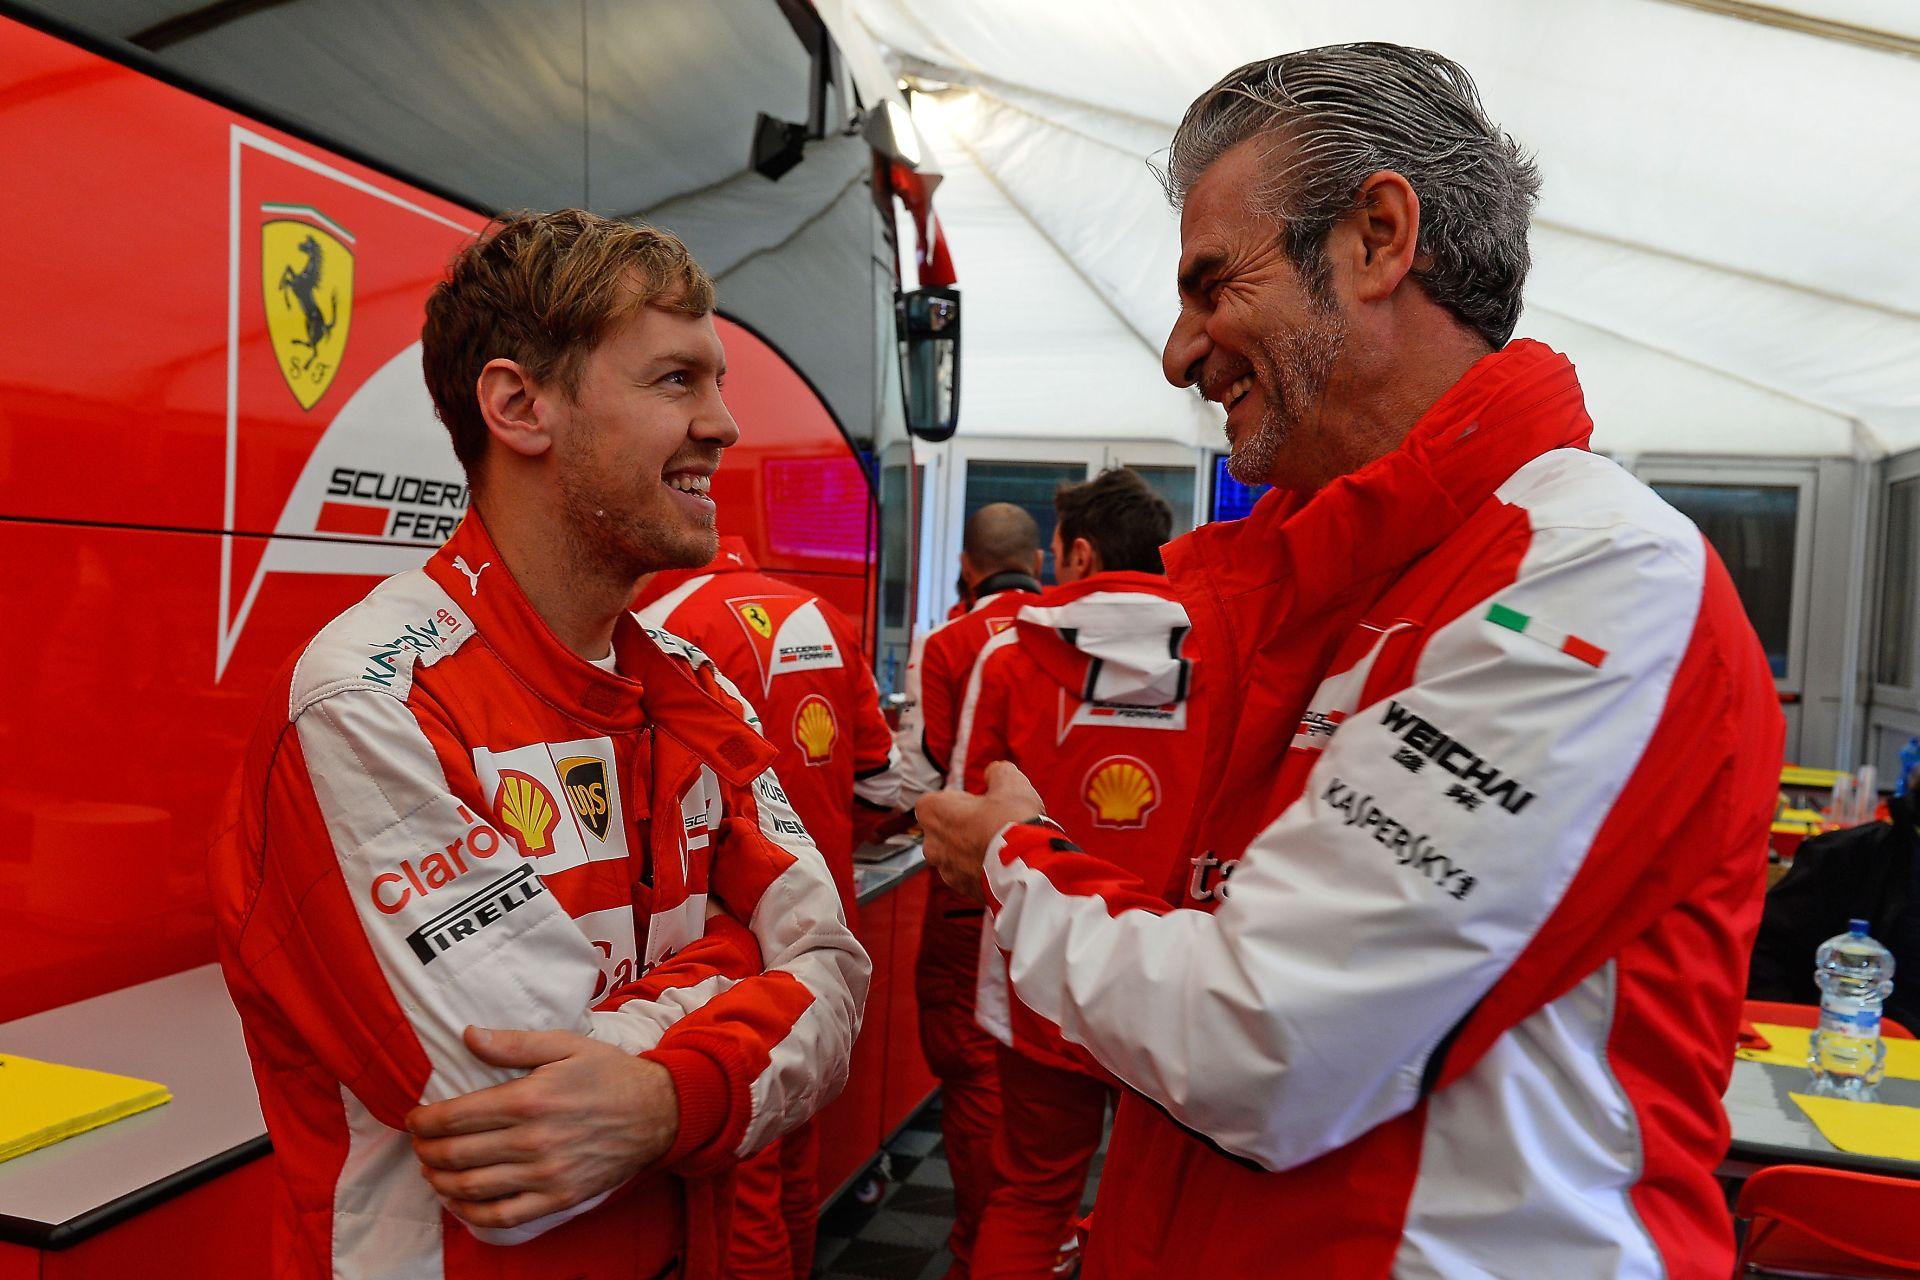 Egy bátorító ölelés Vettelnek a főnökétől Monte Carlóban!